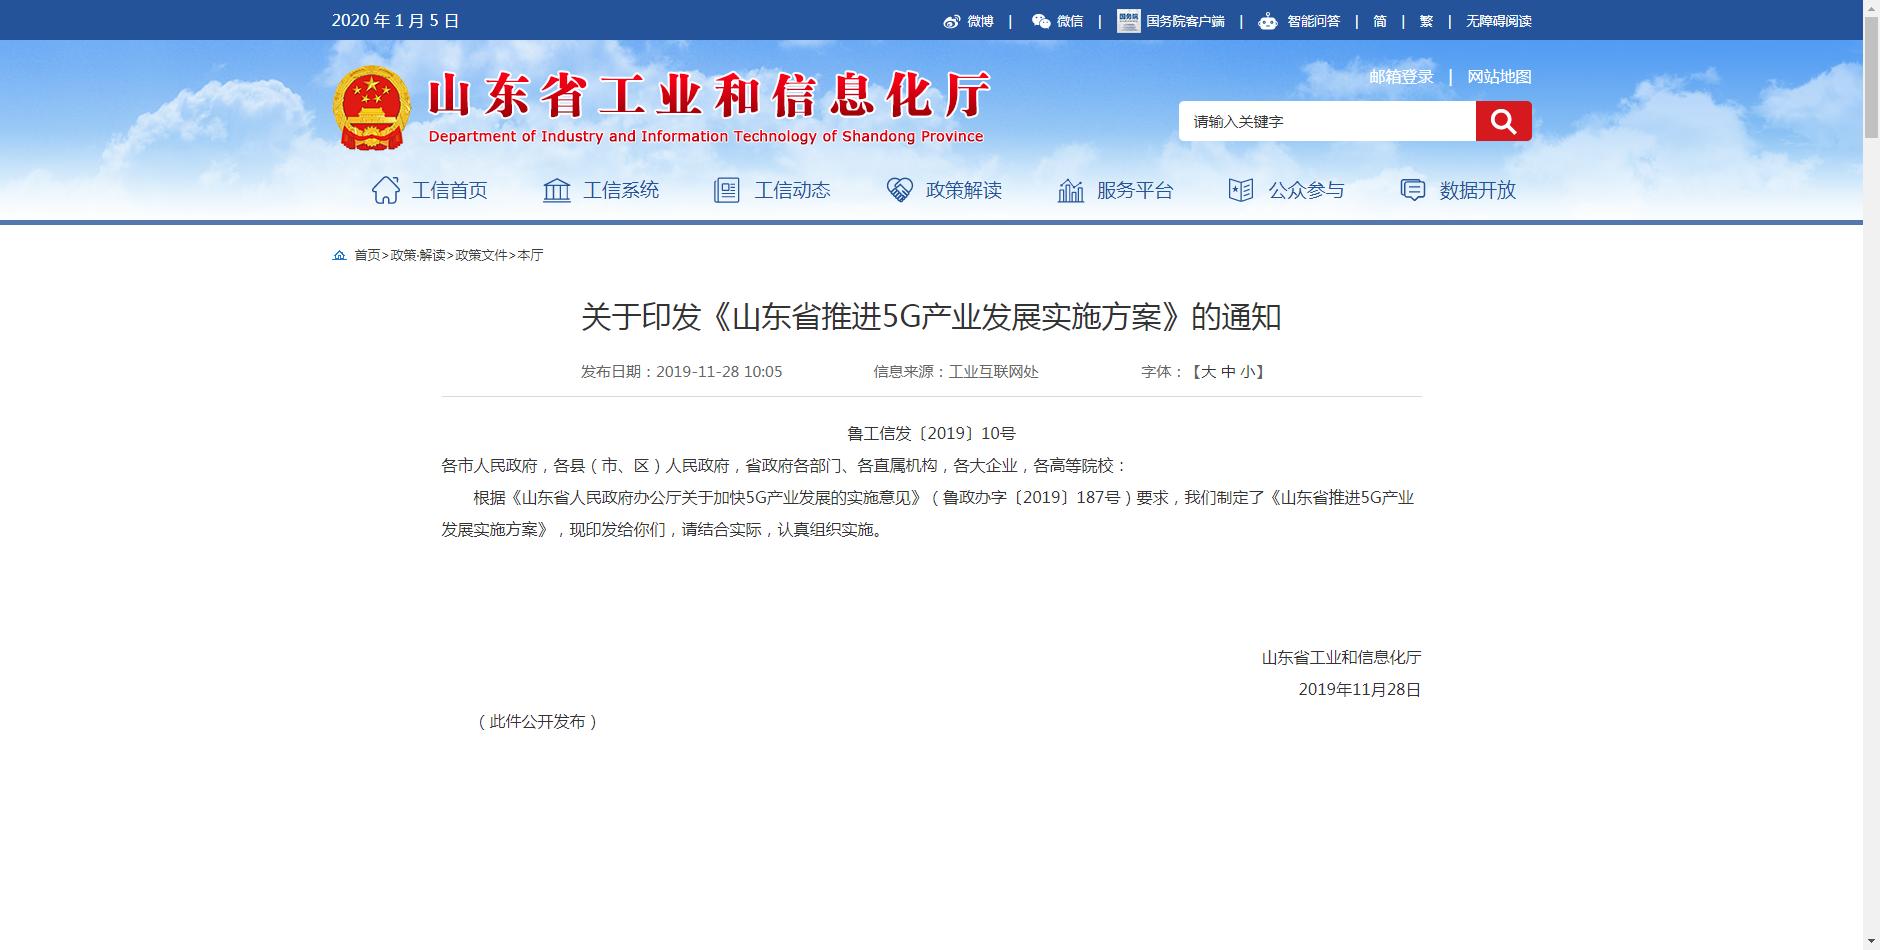 澳门万利赌场官网工信厅公布首批5G产业试点企业名单,我司入选!